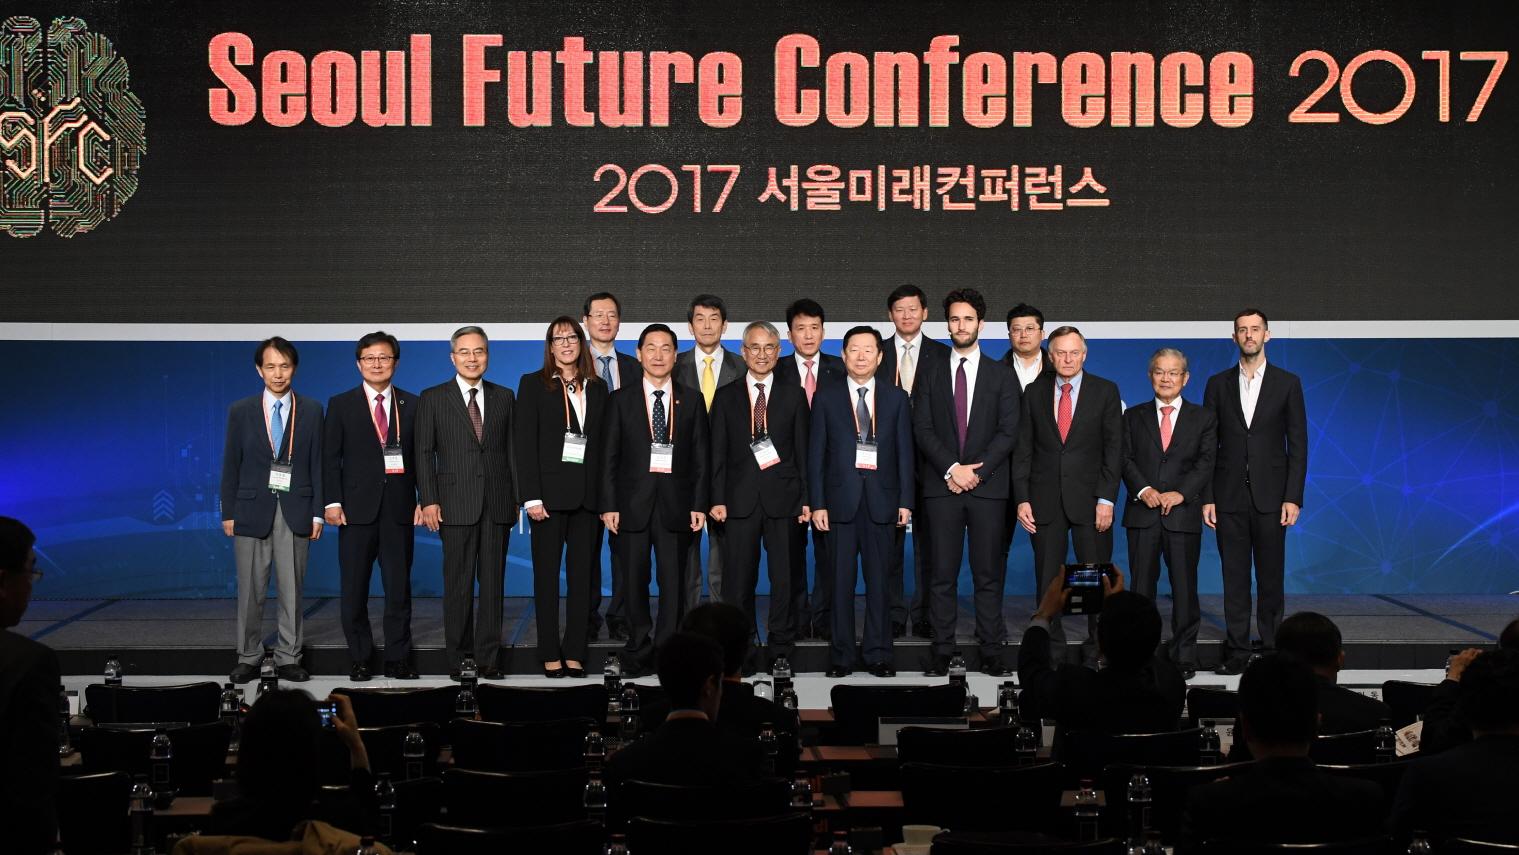 2017 SFC 단체사진